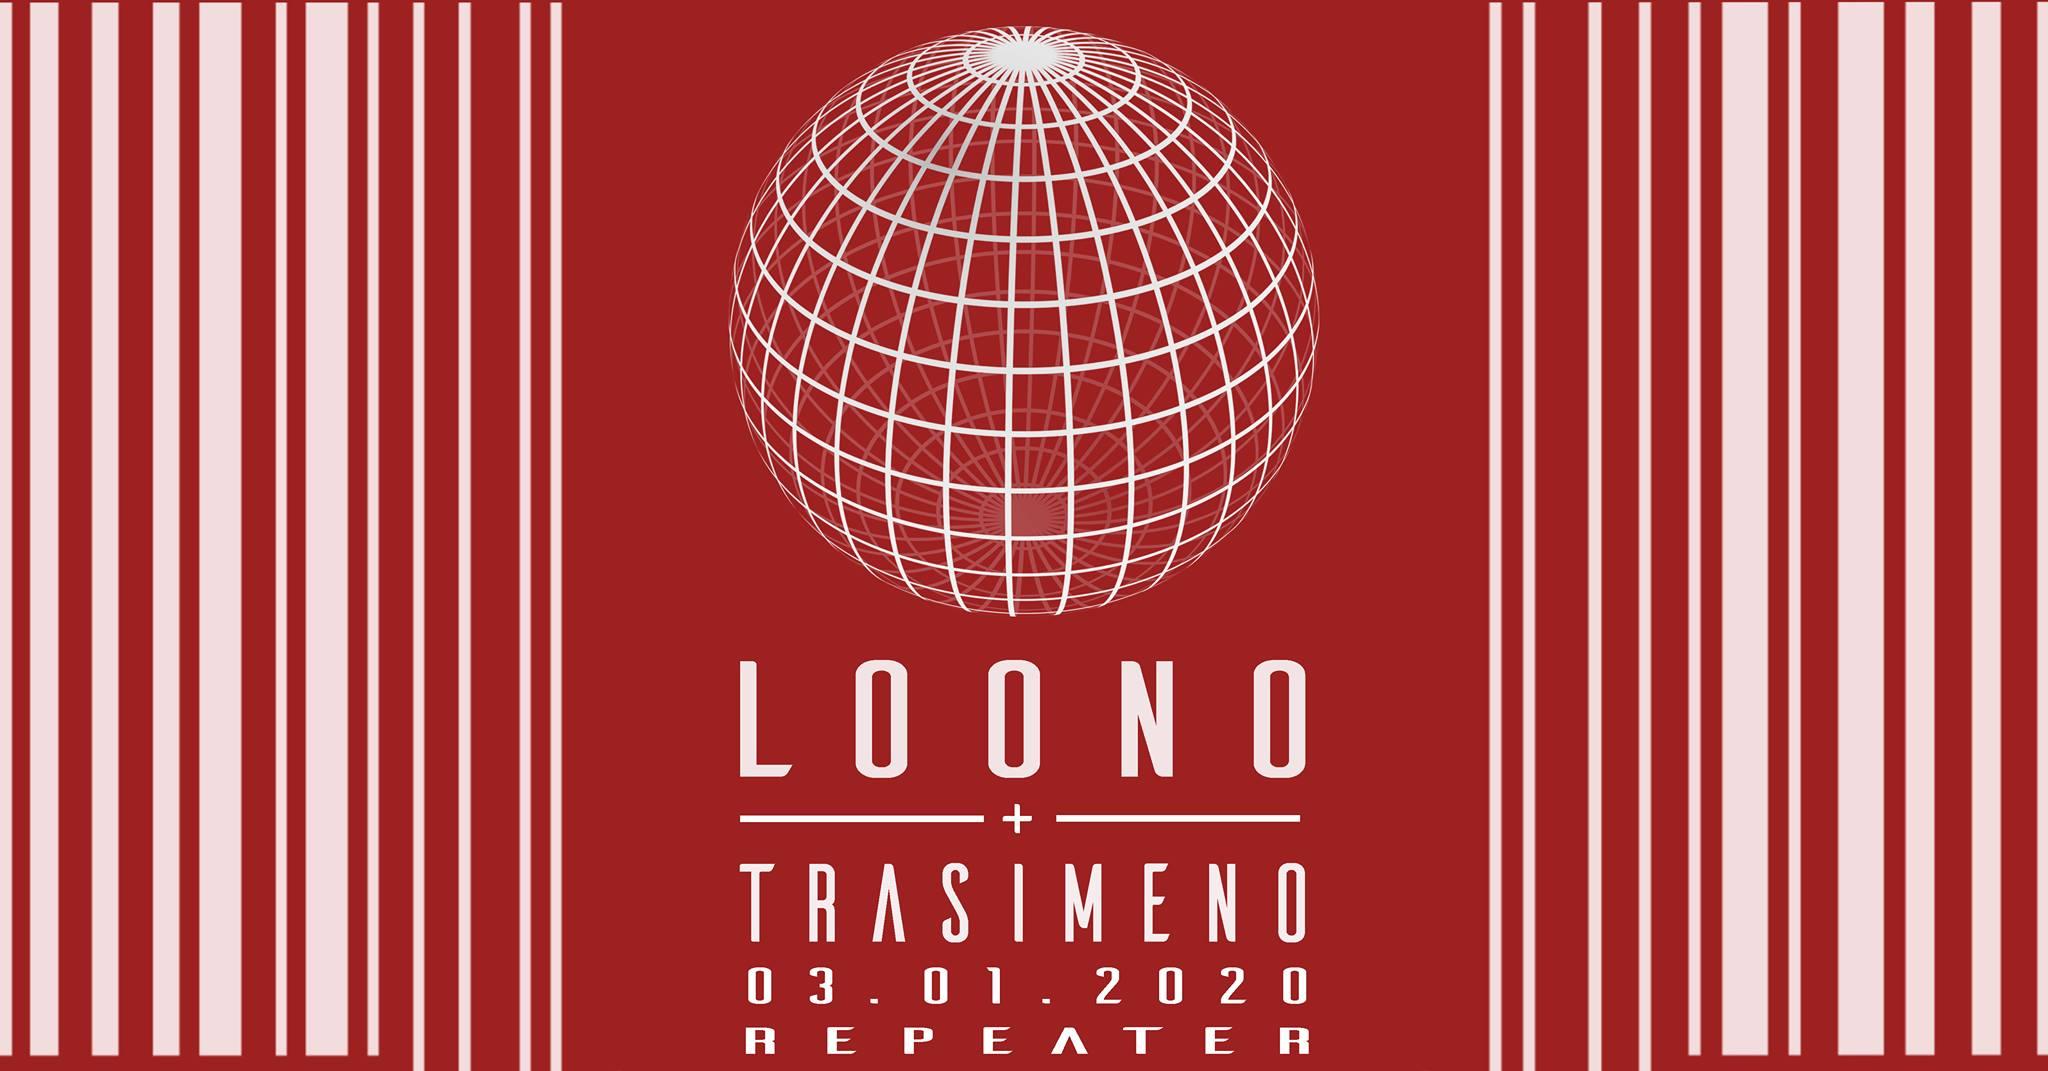 Repeater - Loono - Old Square - Cagliari - 03 gennaio 2020 - eventi - 2020 - Sa Scena Sarda